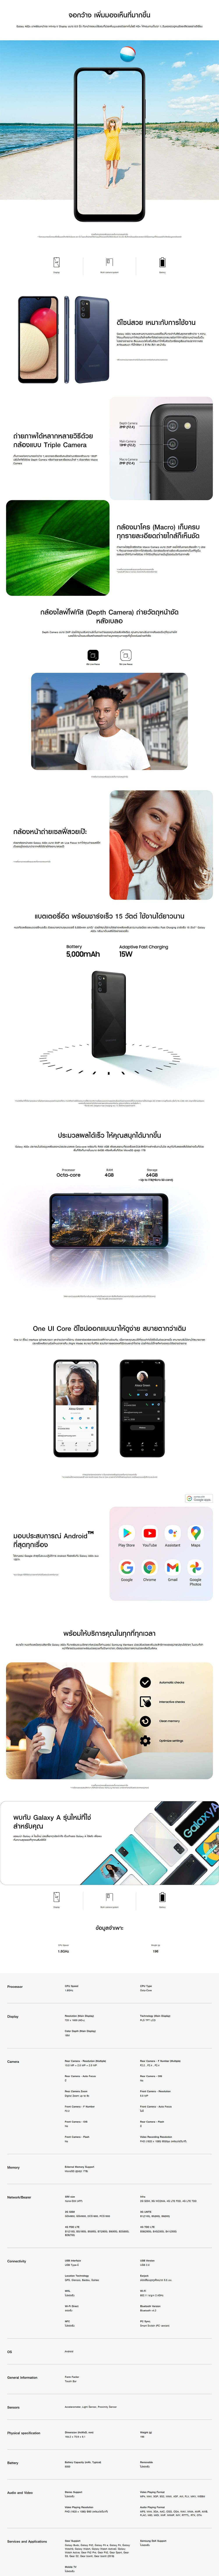 01-3000089368-feature--spec.jpg